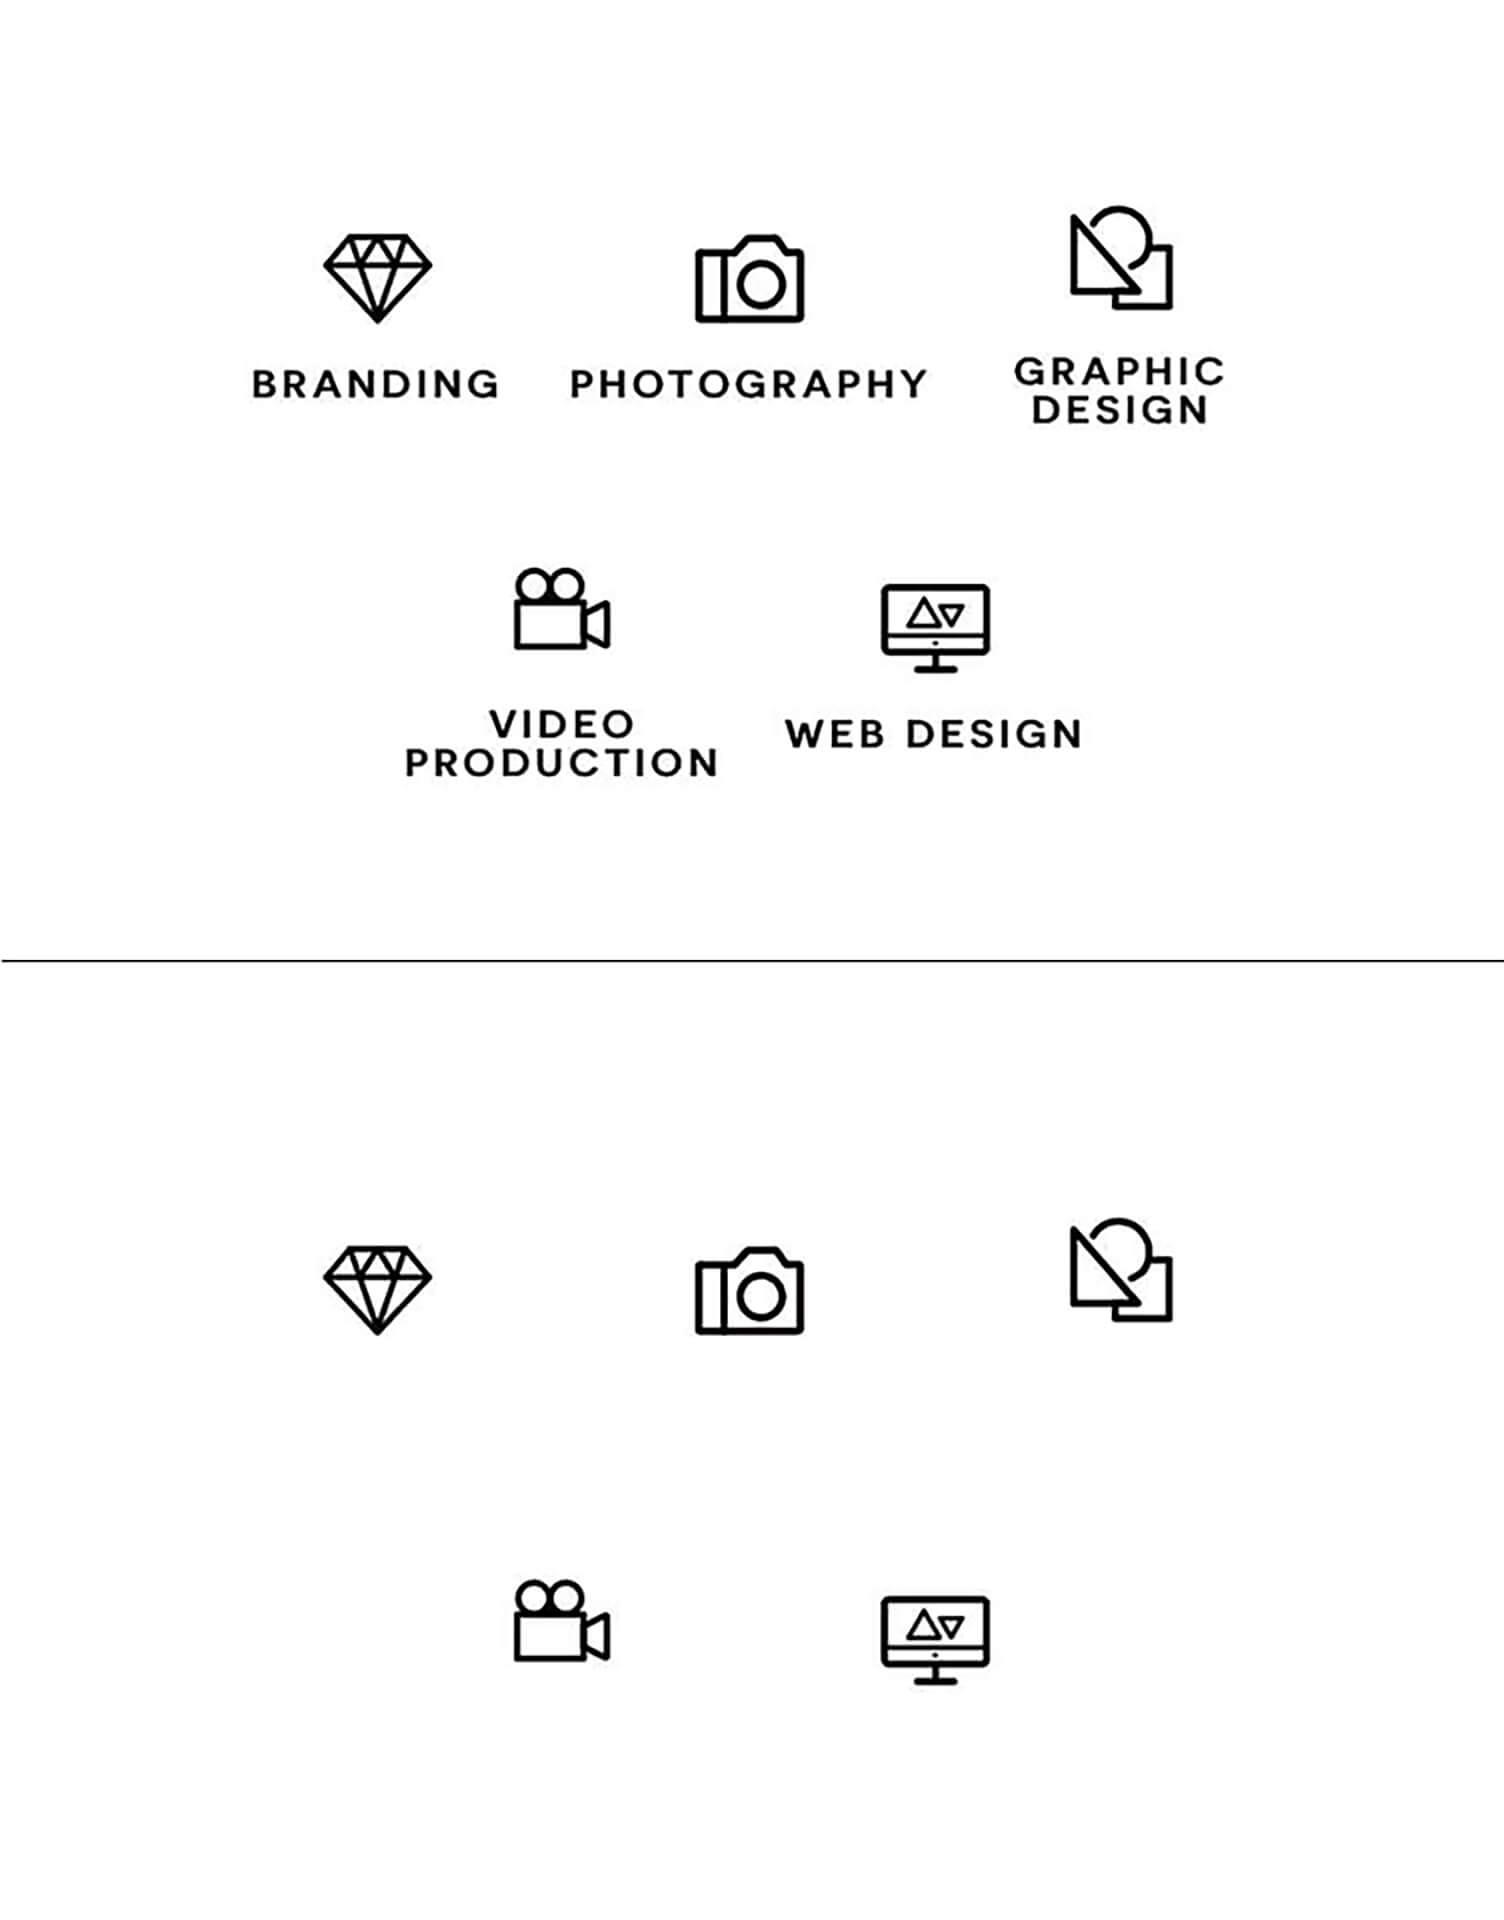 グラフィカル・ユーザー・インターフェイスだけでは、コミュニケーションが不十分